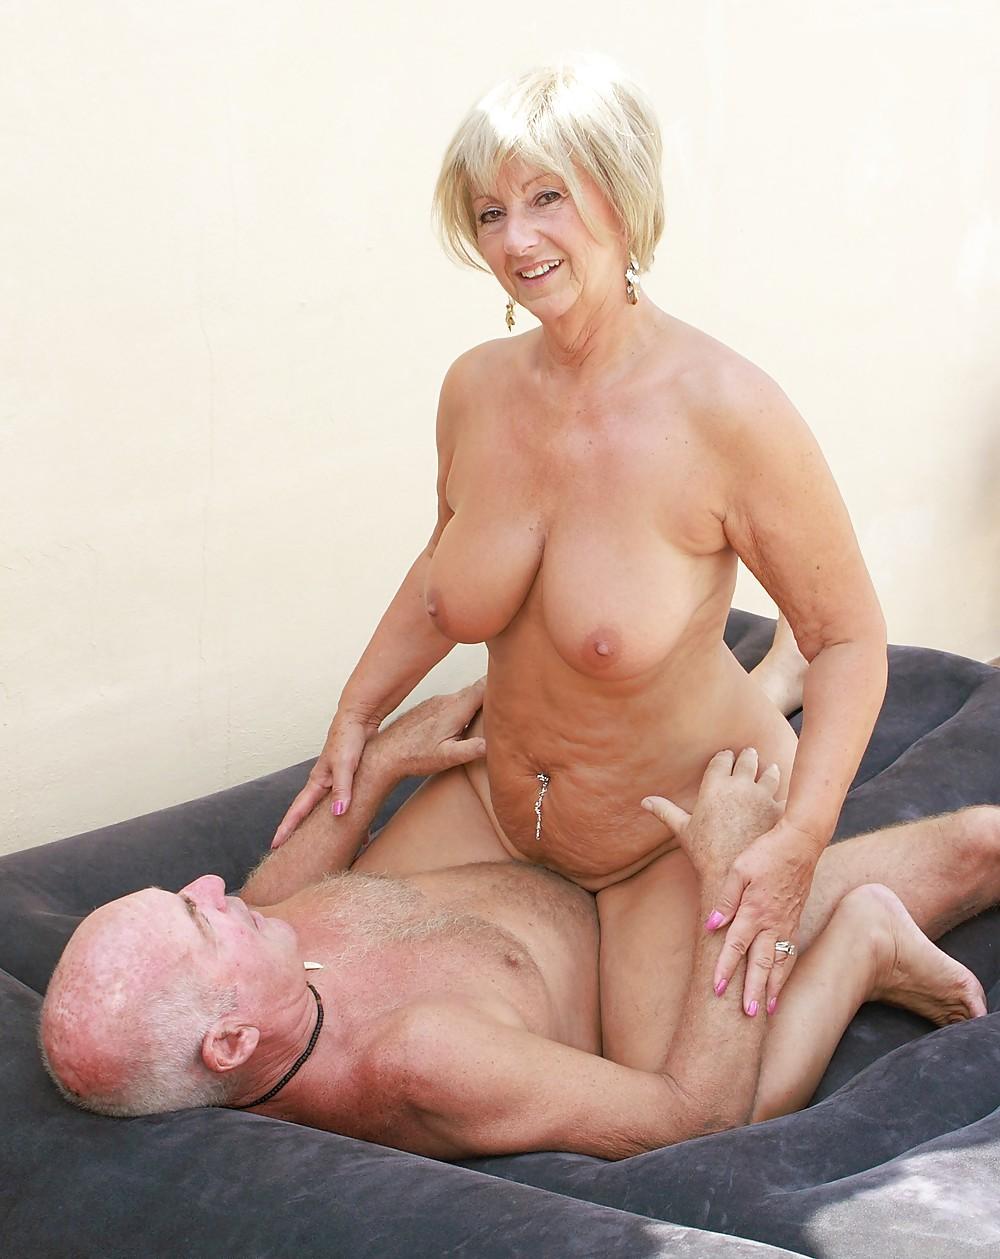 matured-ladies-in-xxx-action-sexanal-blak-jesse